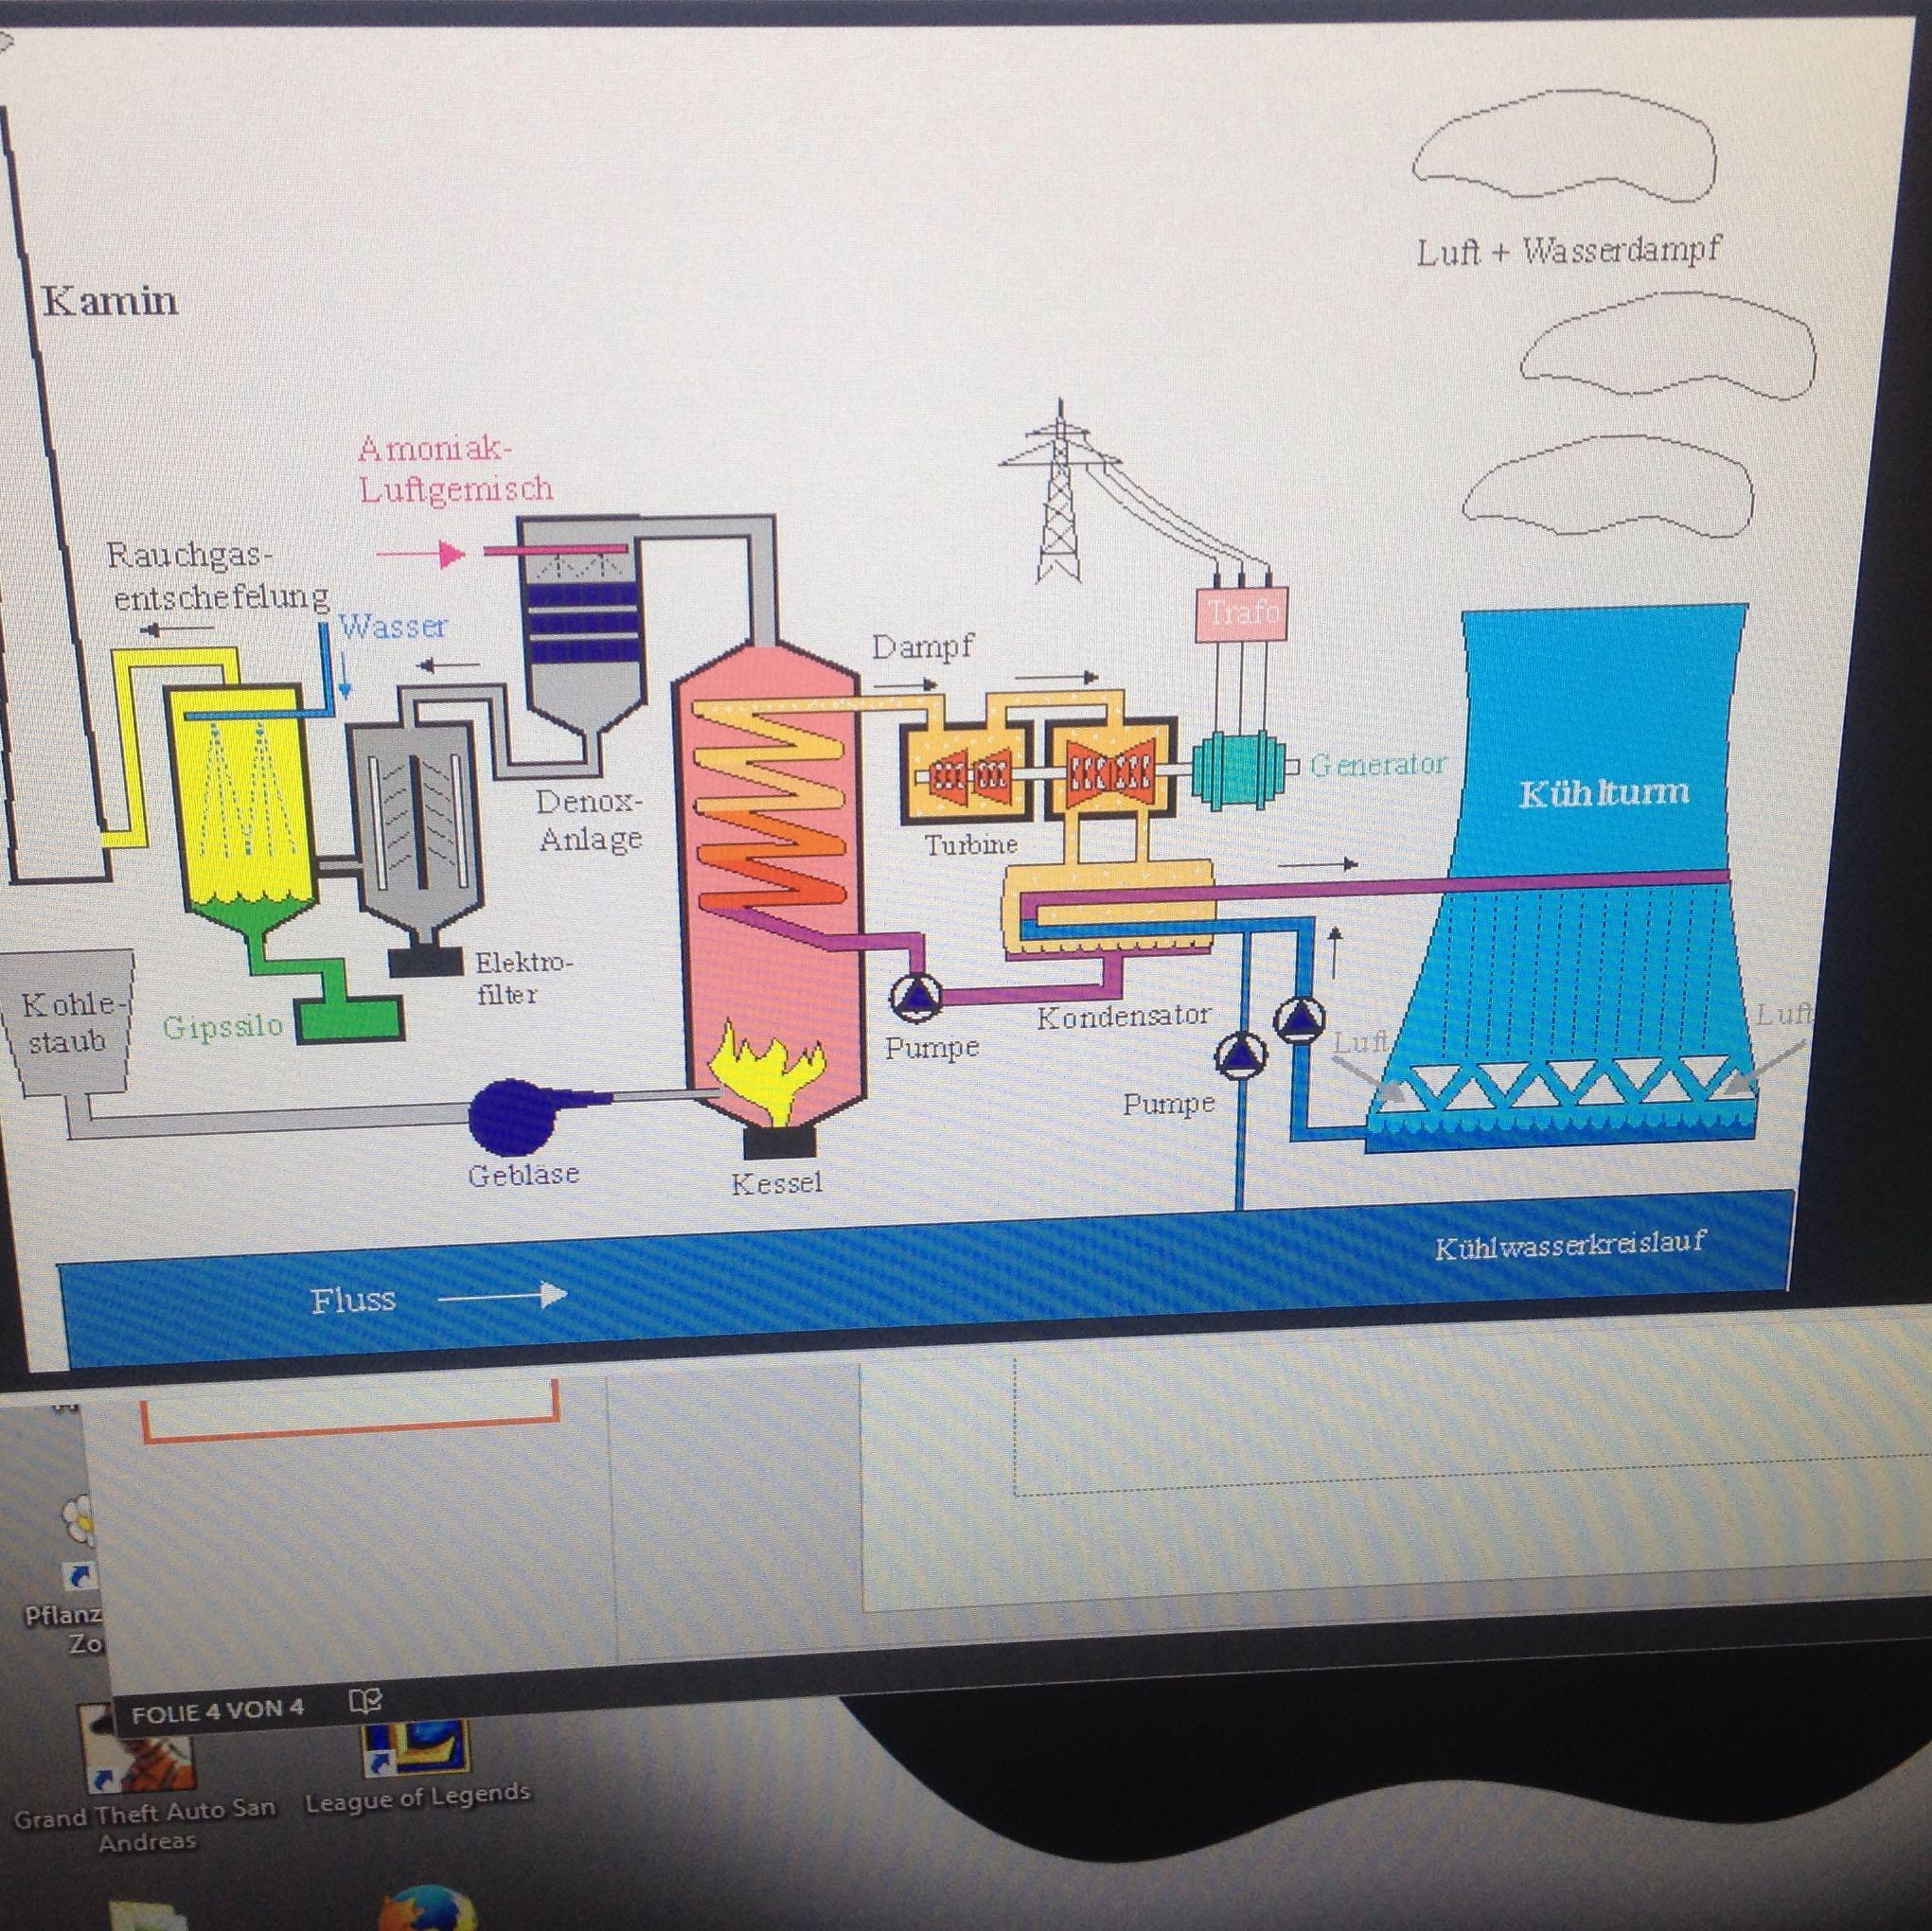 Fantastisch Kessel Wärmekraftwerk Galerie - Elektrische Schaltplan ...